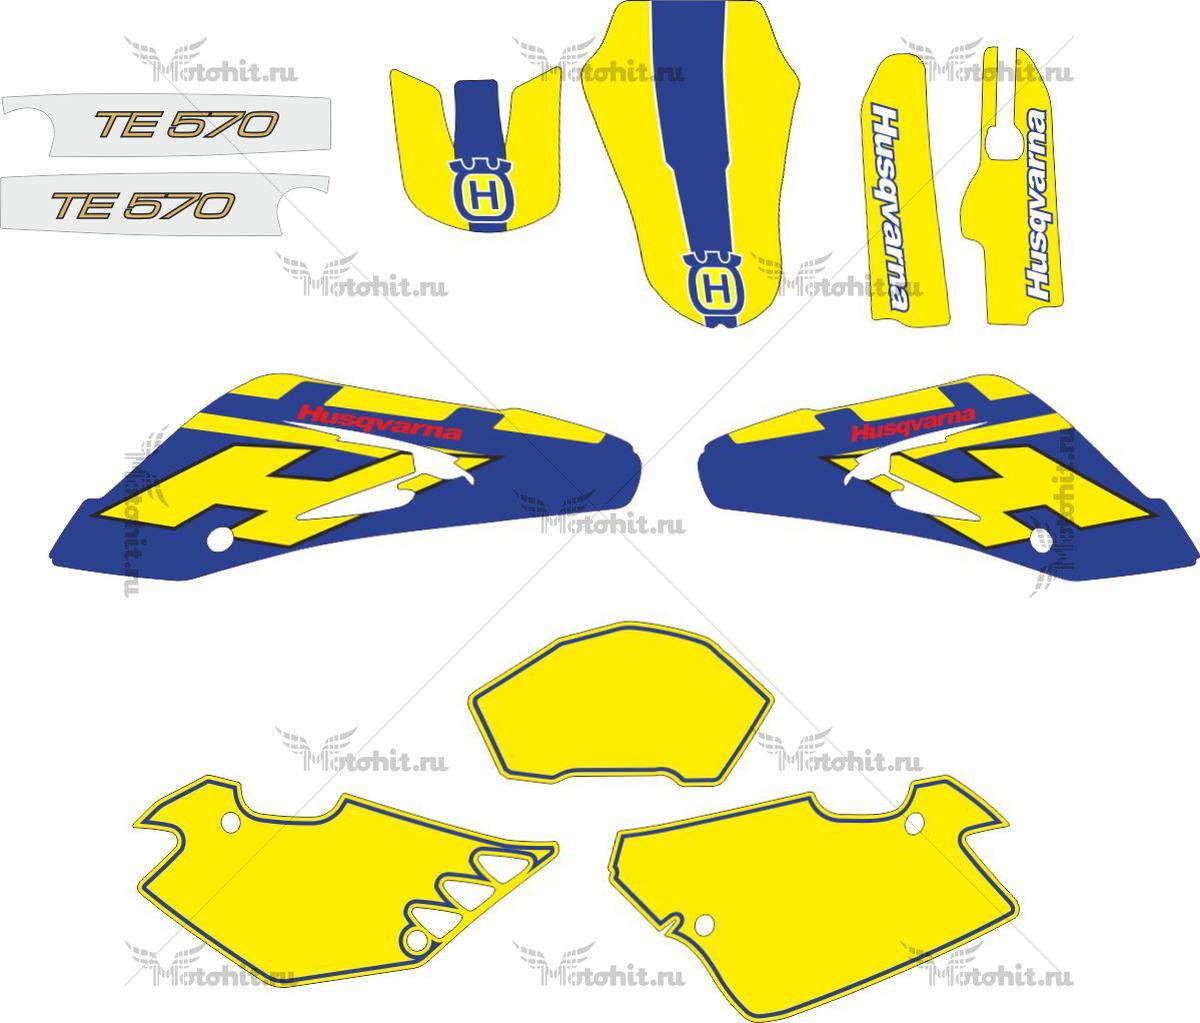 Комплект наклеек HUSQVARNA TE-570 2002